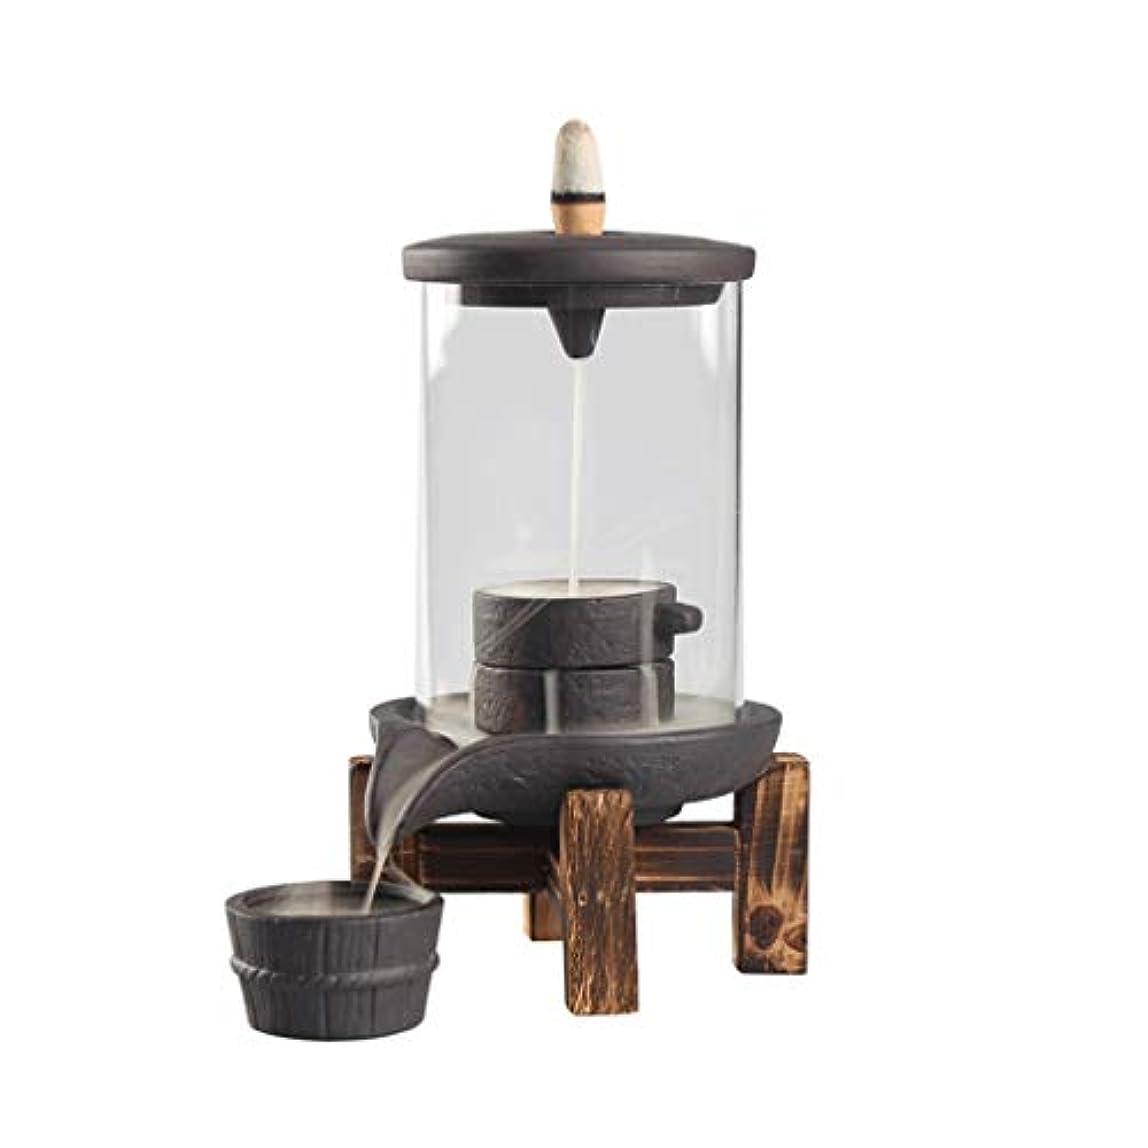 嫌がらせ創始者世界に死んだ逆流ガラス香のホールダー縦の寒天の陶磁器の香バーナーの儀式空気浄化の香の床の香のホールダー (Color : Black, サイズ : 3.74*6.7INCHS)